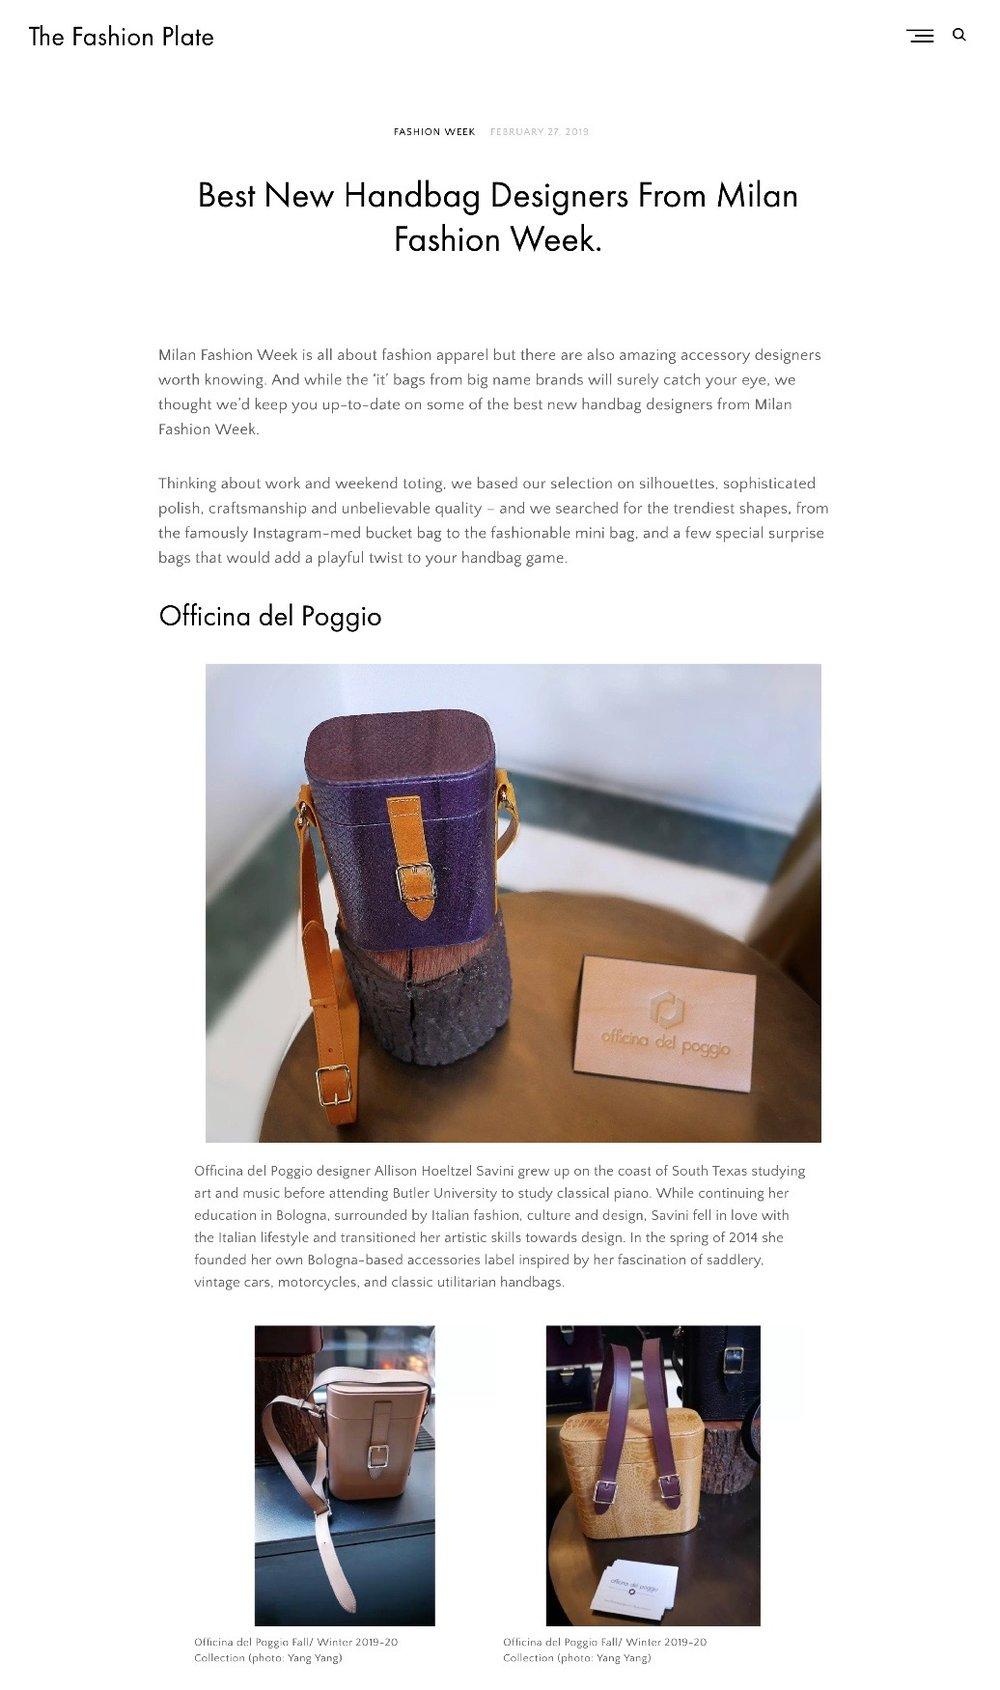 TheFashionPlate_Officina_del_Poggio_Arizona_Muse.jpg